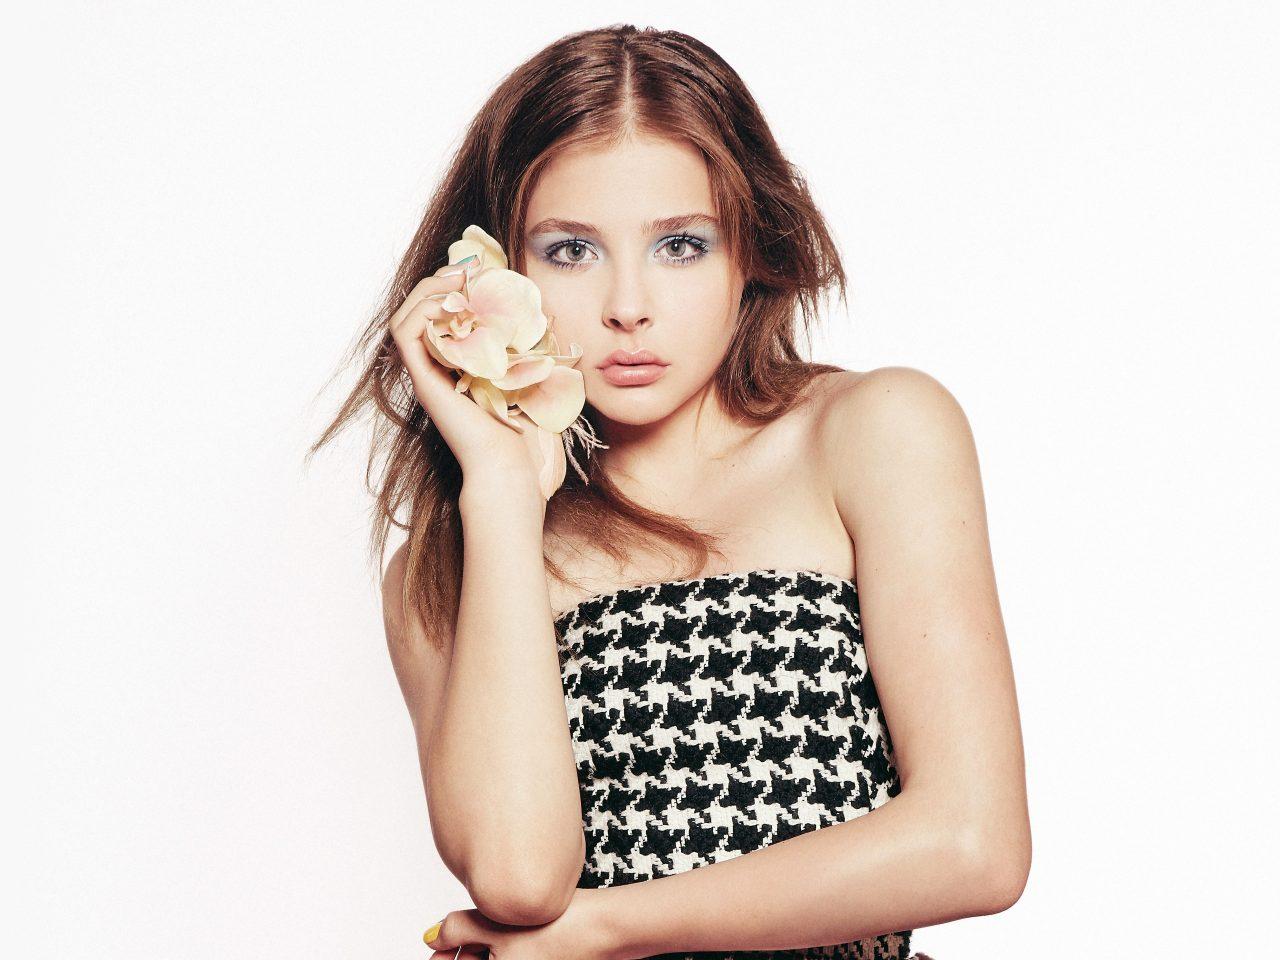 Chloe Moretz with Flowers 4K 5K Wallpaper